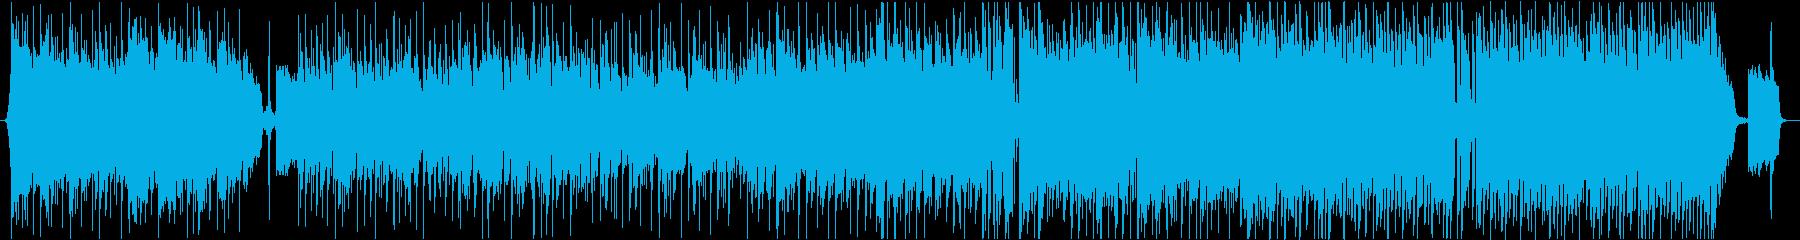 アコギでゆったりとしたインスト曲の再生済みの波形